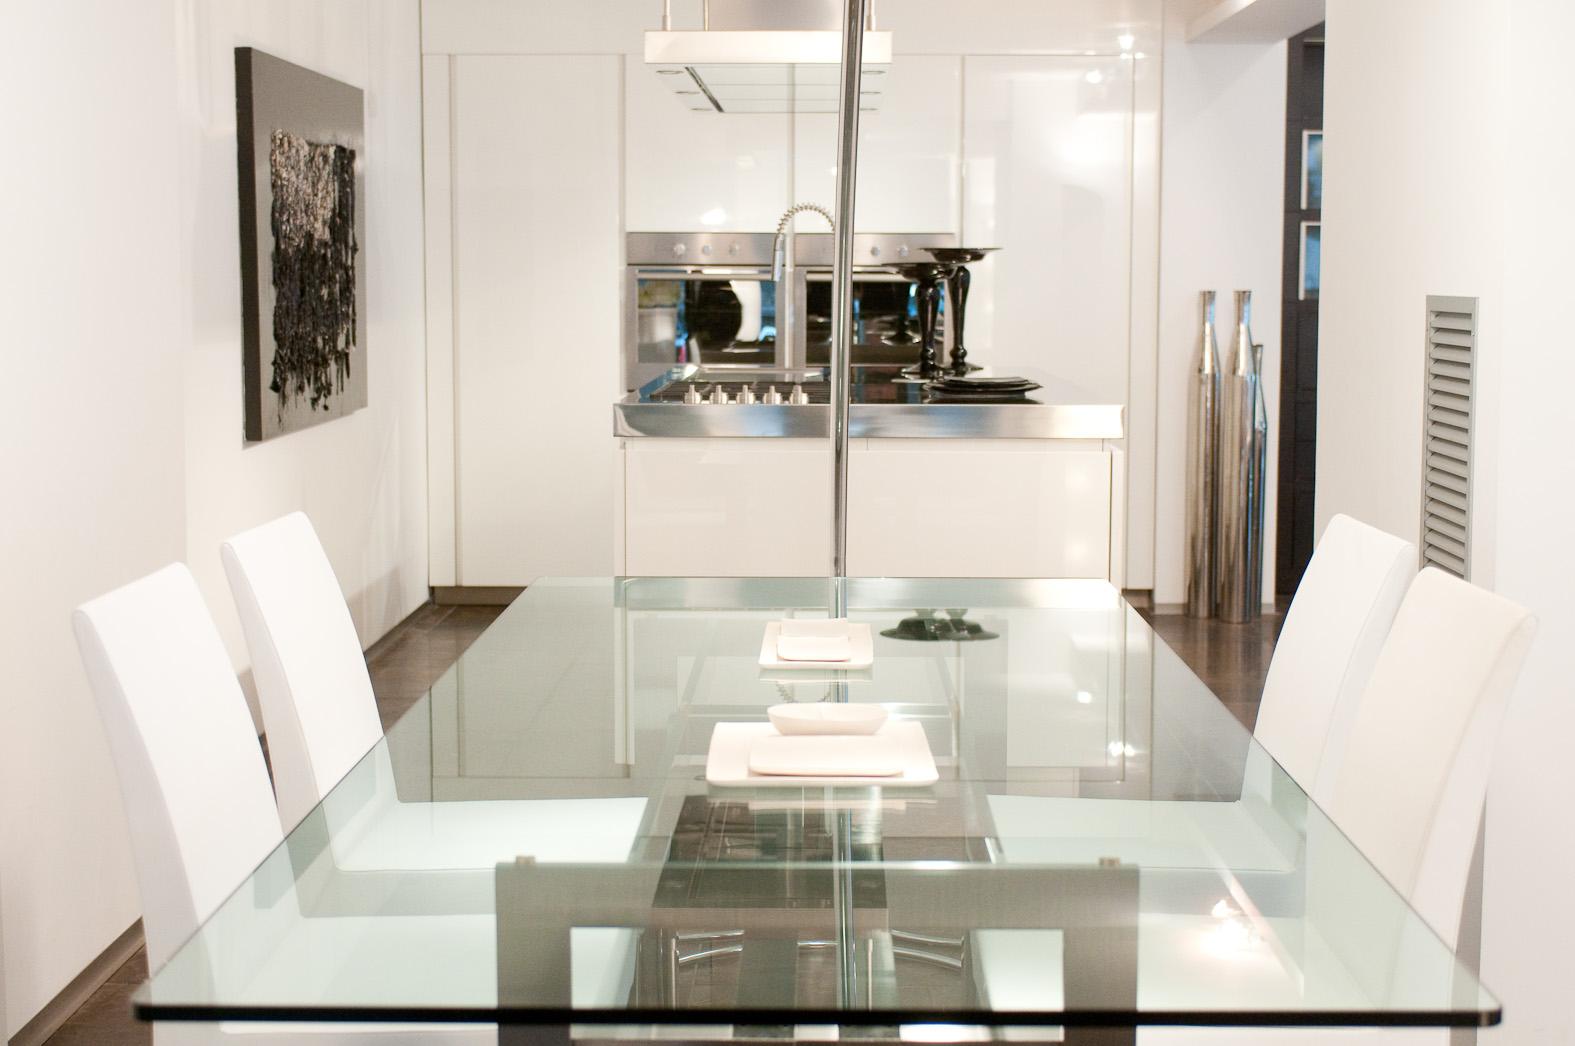 palermo arredamento mobili cucine